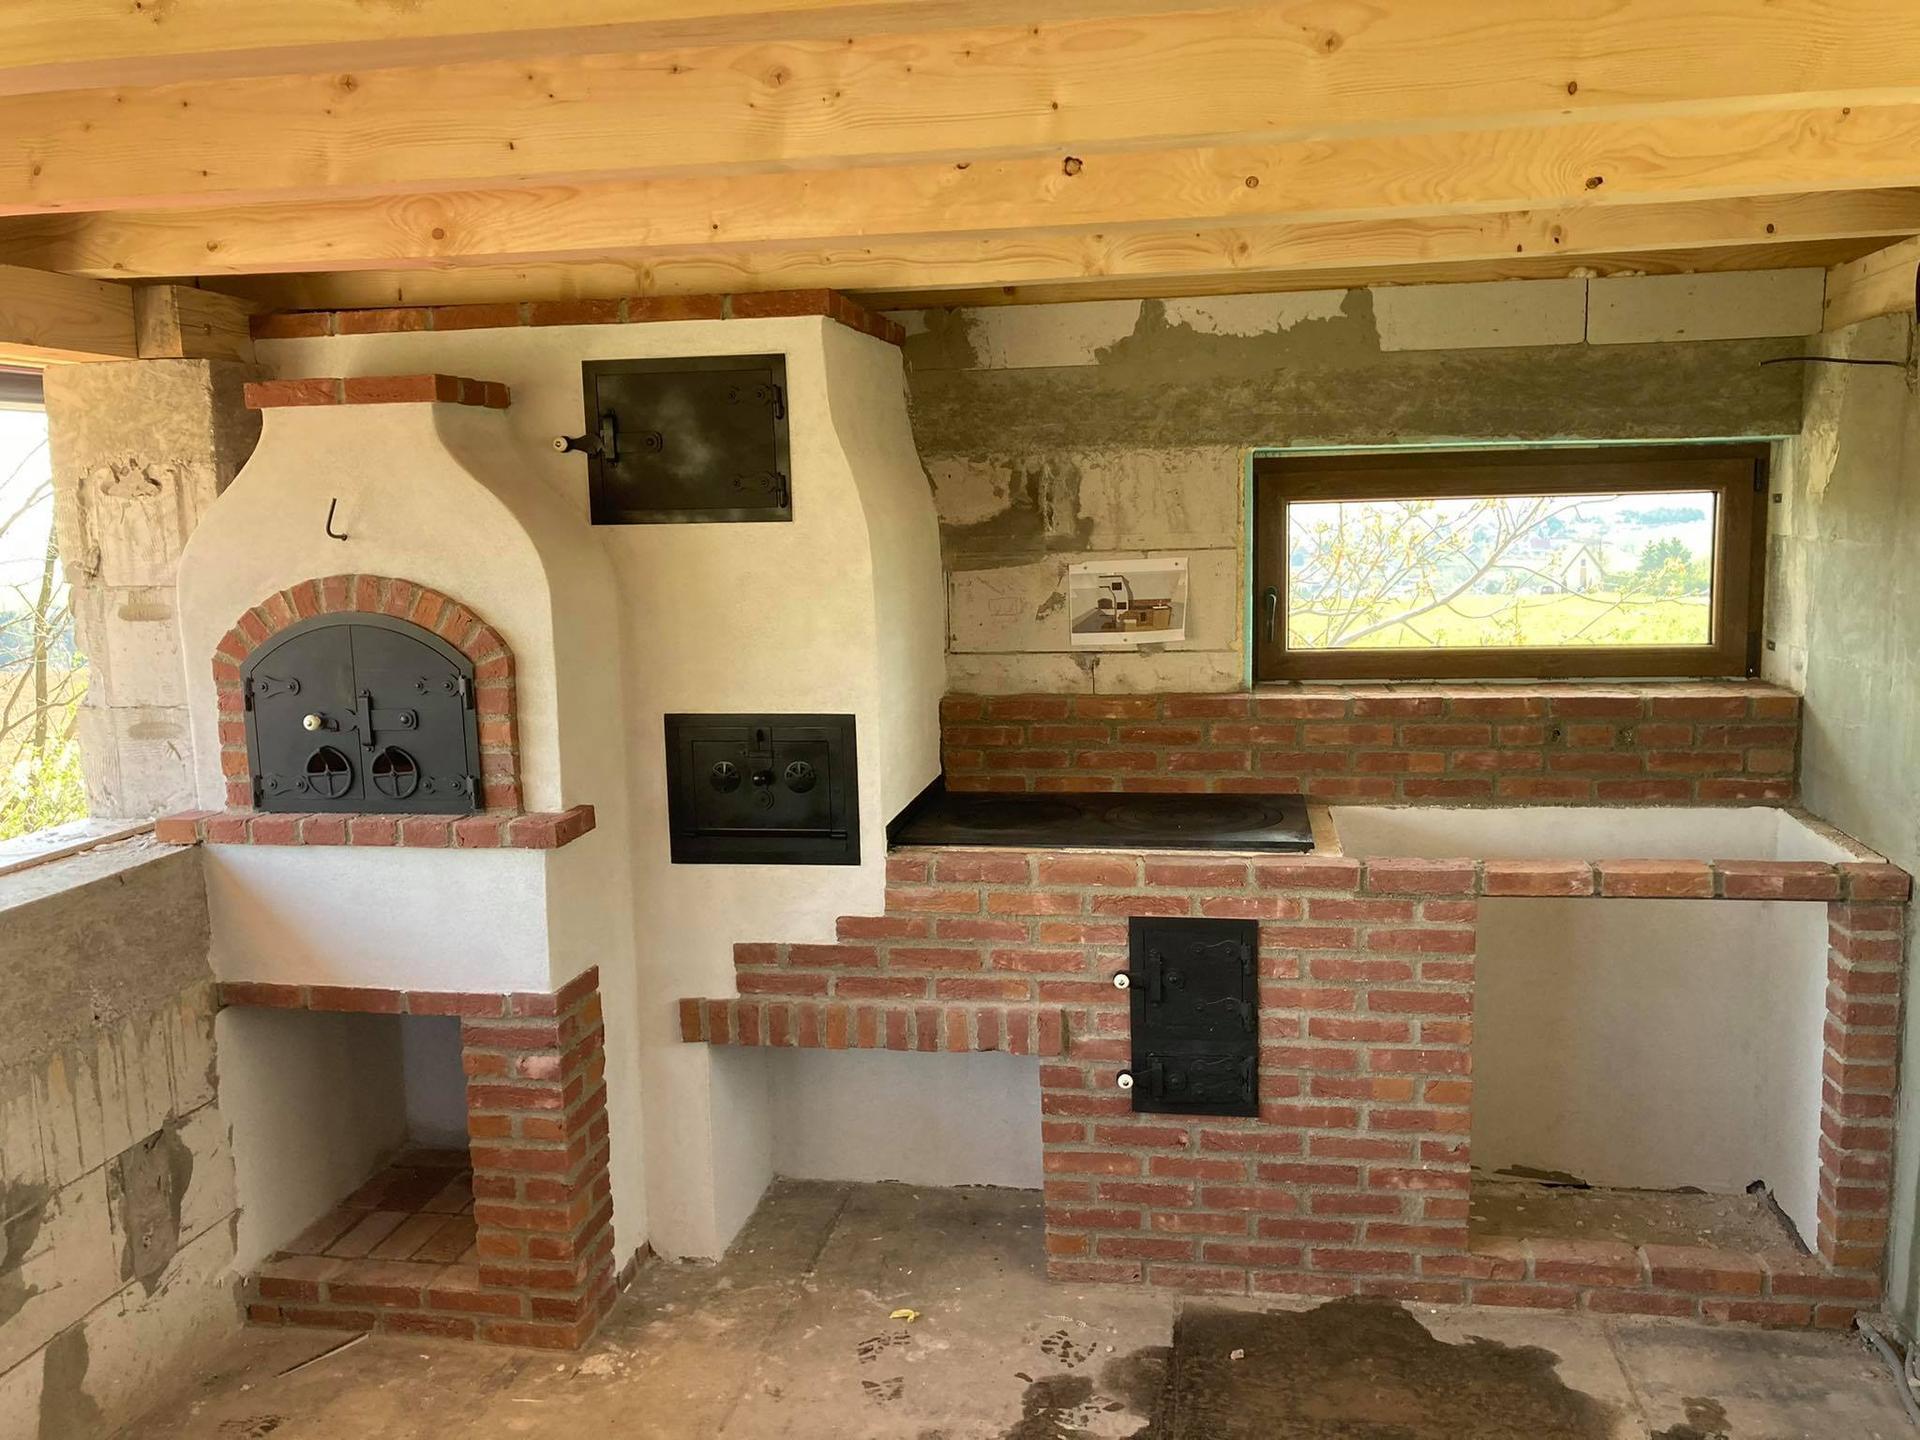 Záhradná kuchyňa pod Zoborom - Obrázok č. 2